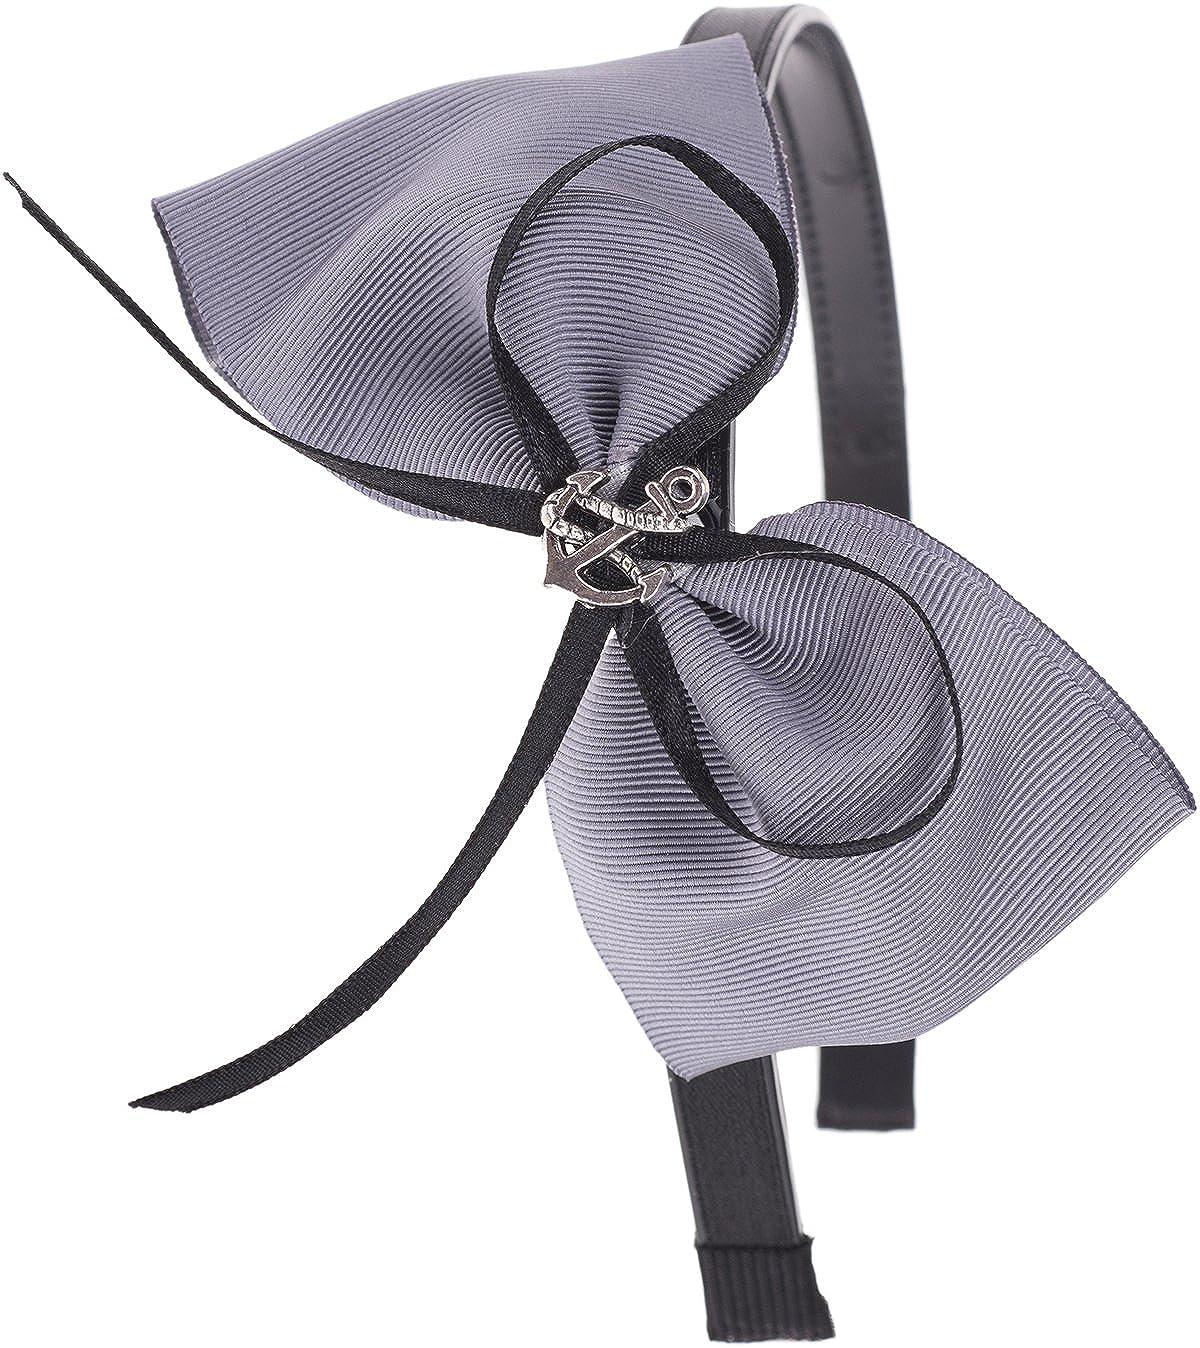 Sailor SOPHIE Anker ANCHOR Matrosen STAR Haarband Rockbilly